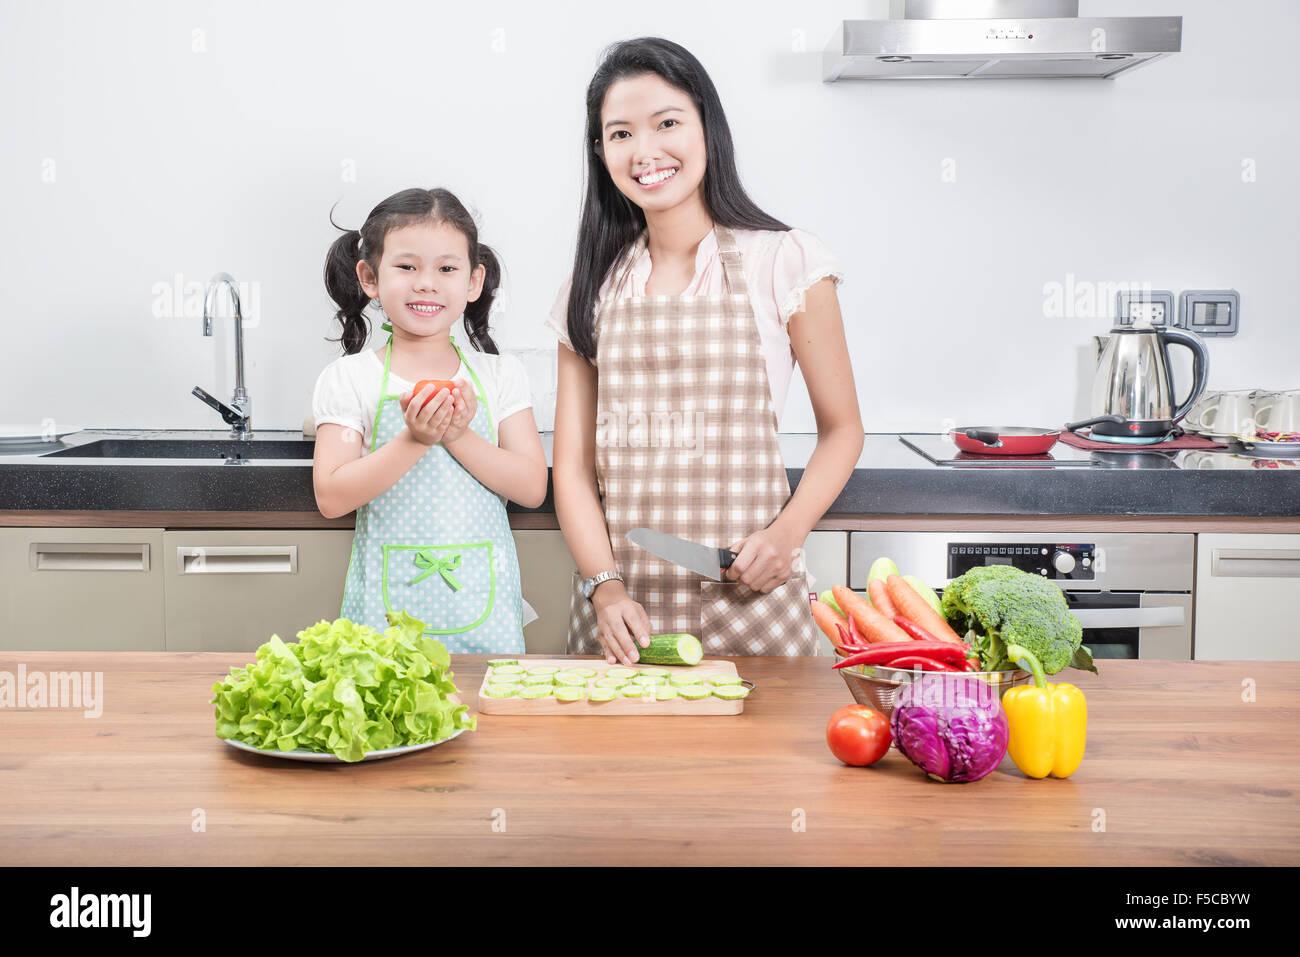 Famiglia i bambini e le persone felici concetto - Asian madre e figlia di capretto la cucina in cucina a casa Immagini Stock